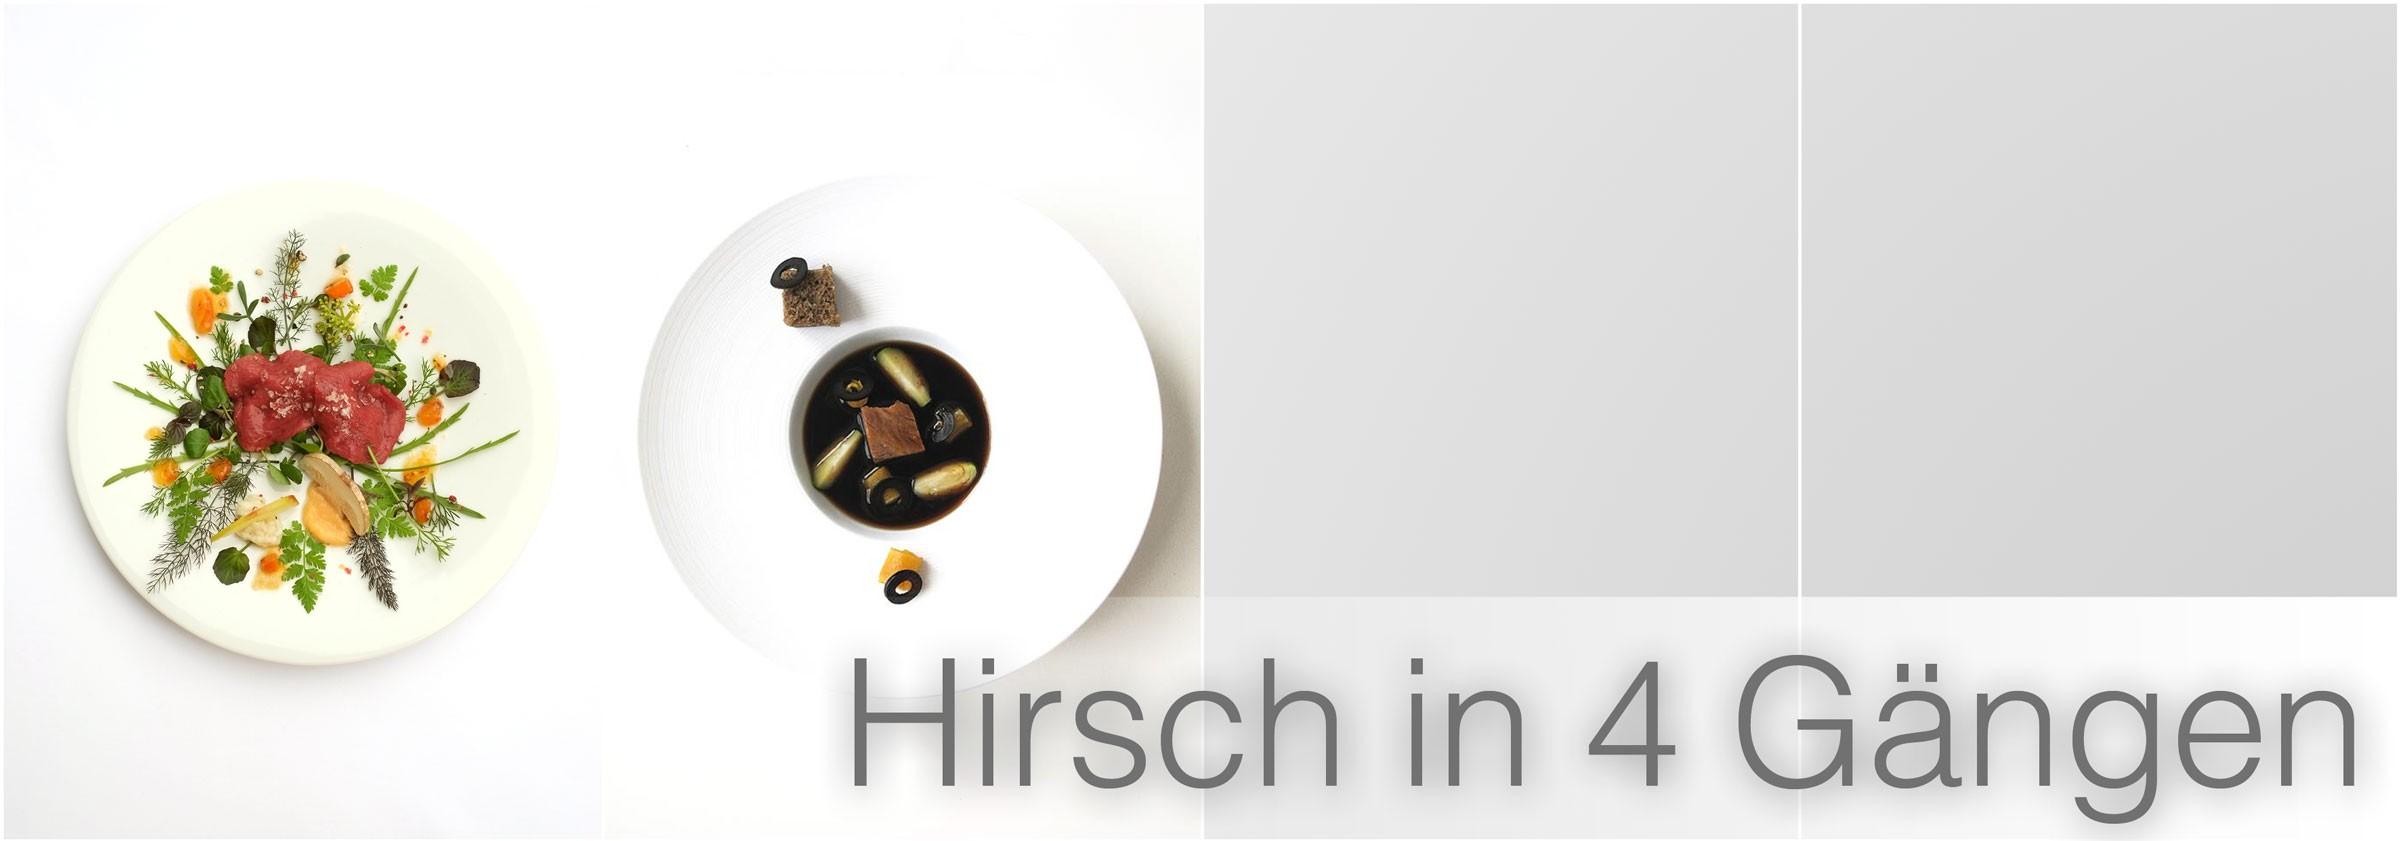 Hirsch-in-4-Gängen-2